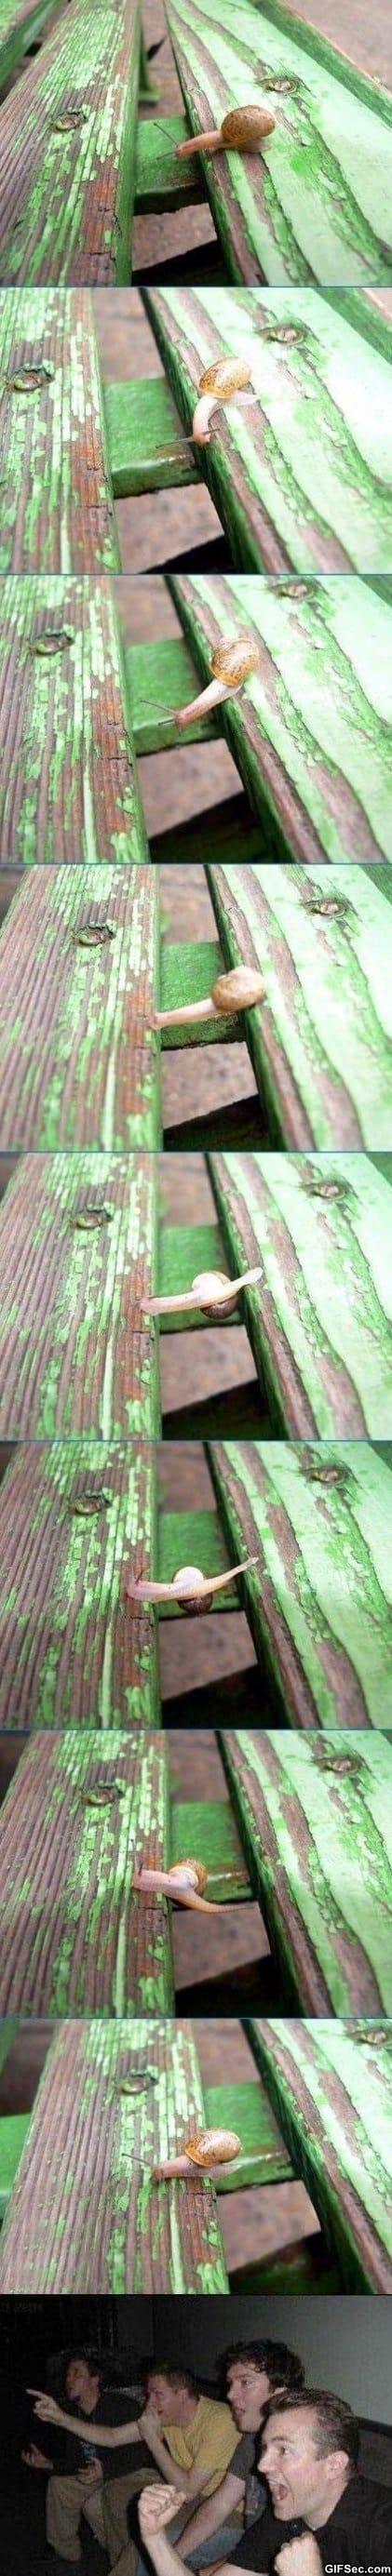 snail-parkour